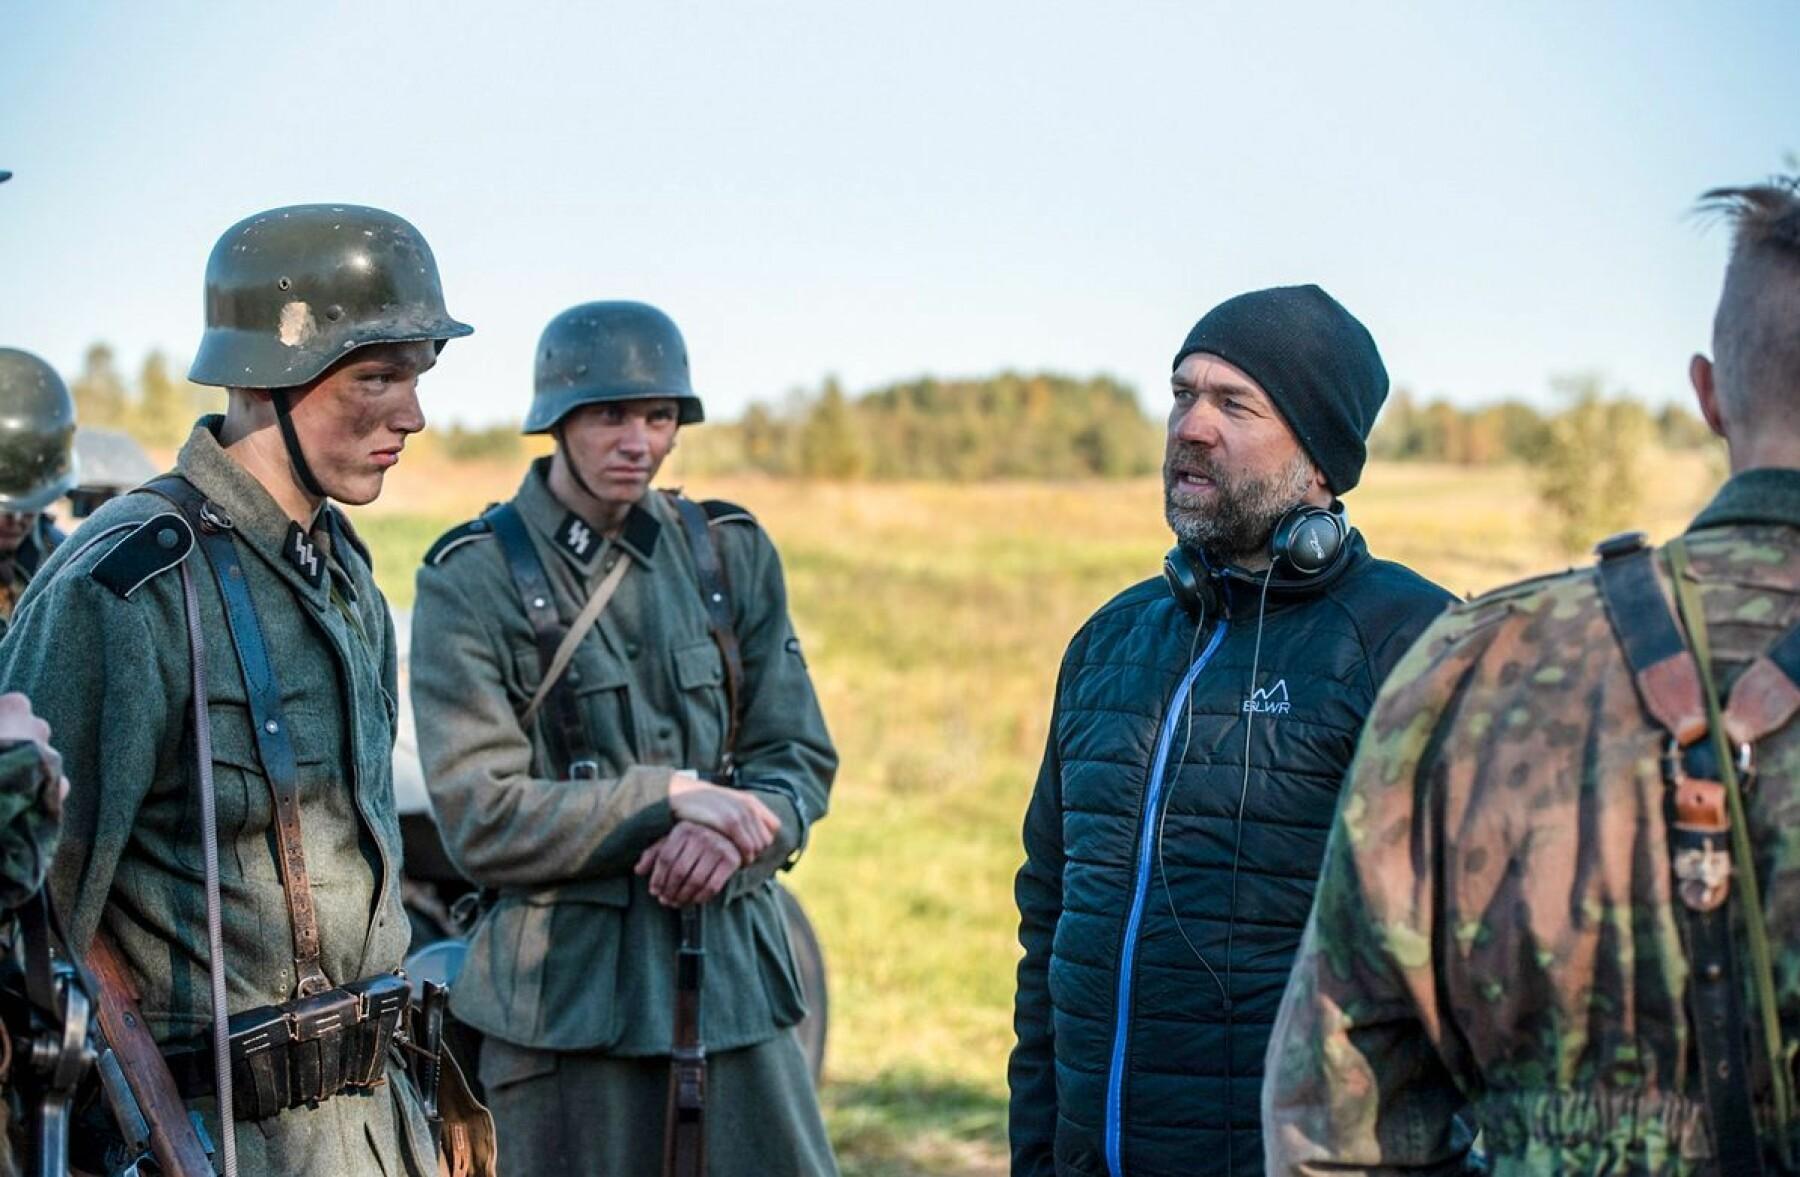 Regissør Alexander Kristiansen instruerer skodespelarar i innspeling av scener brukt i den omdiskuterte dokumentarfilmen «Frontkjempere», om norske soldatar i tysk teneste.